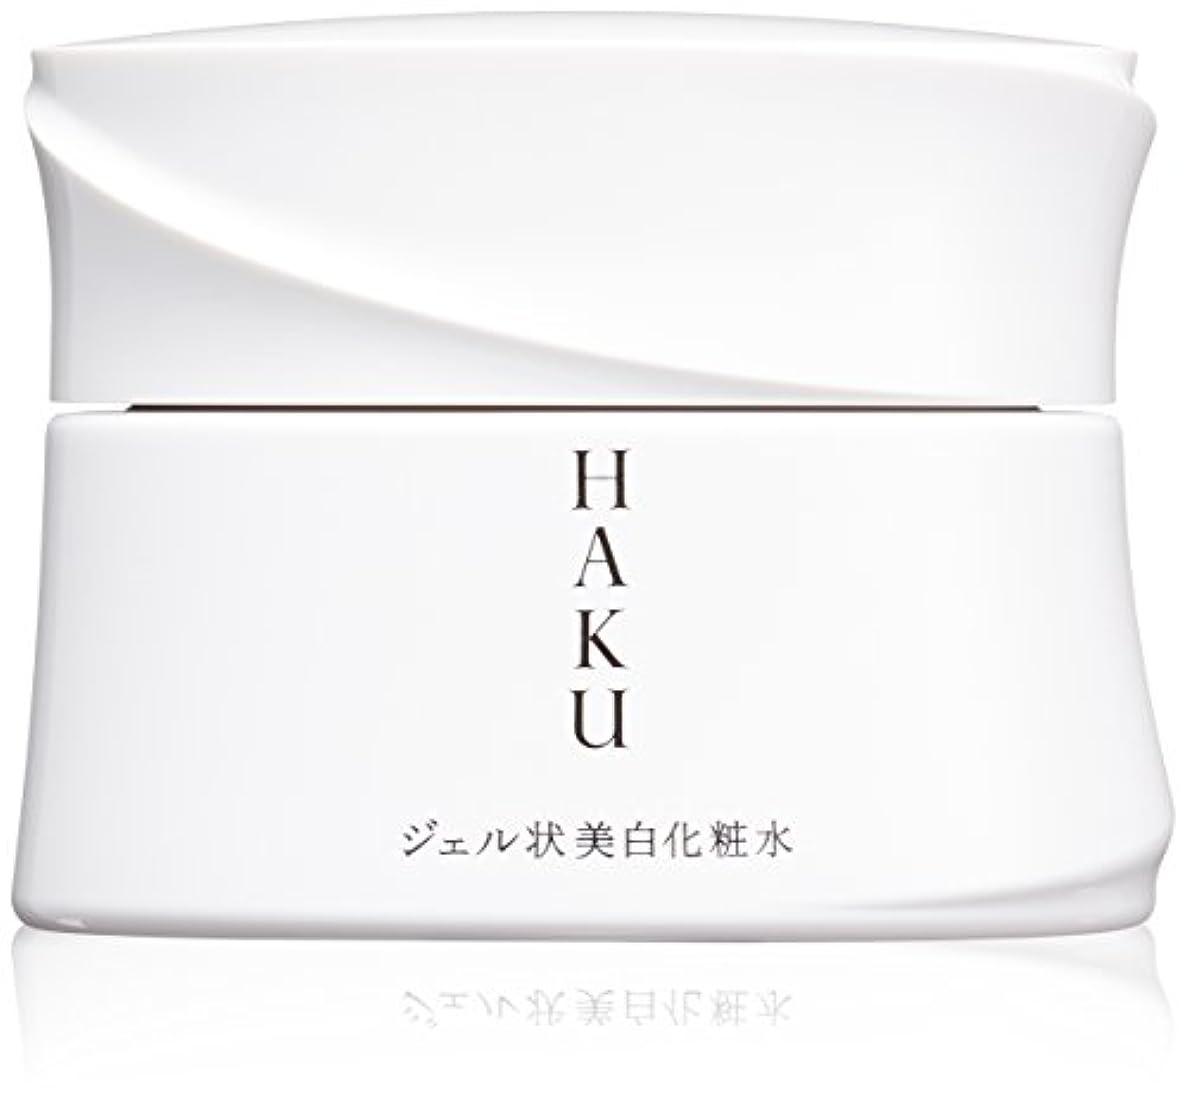 困惑するマットどれでもHAKU メラノディープモイスチャー 美白化粧水 100g 【医薬部外品】